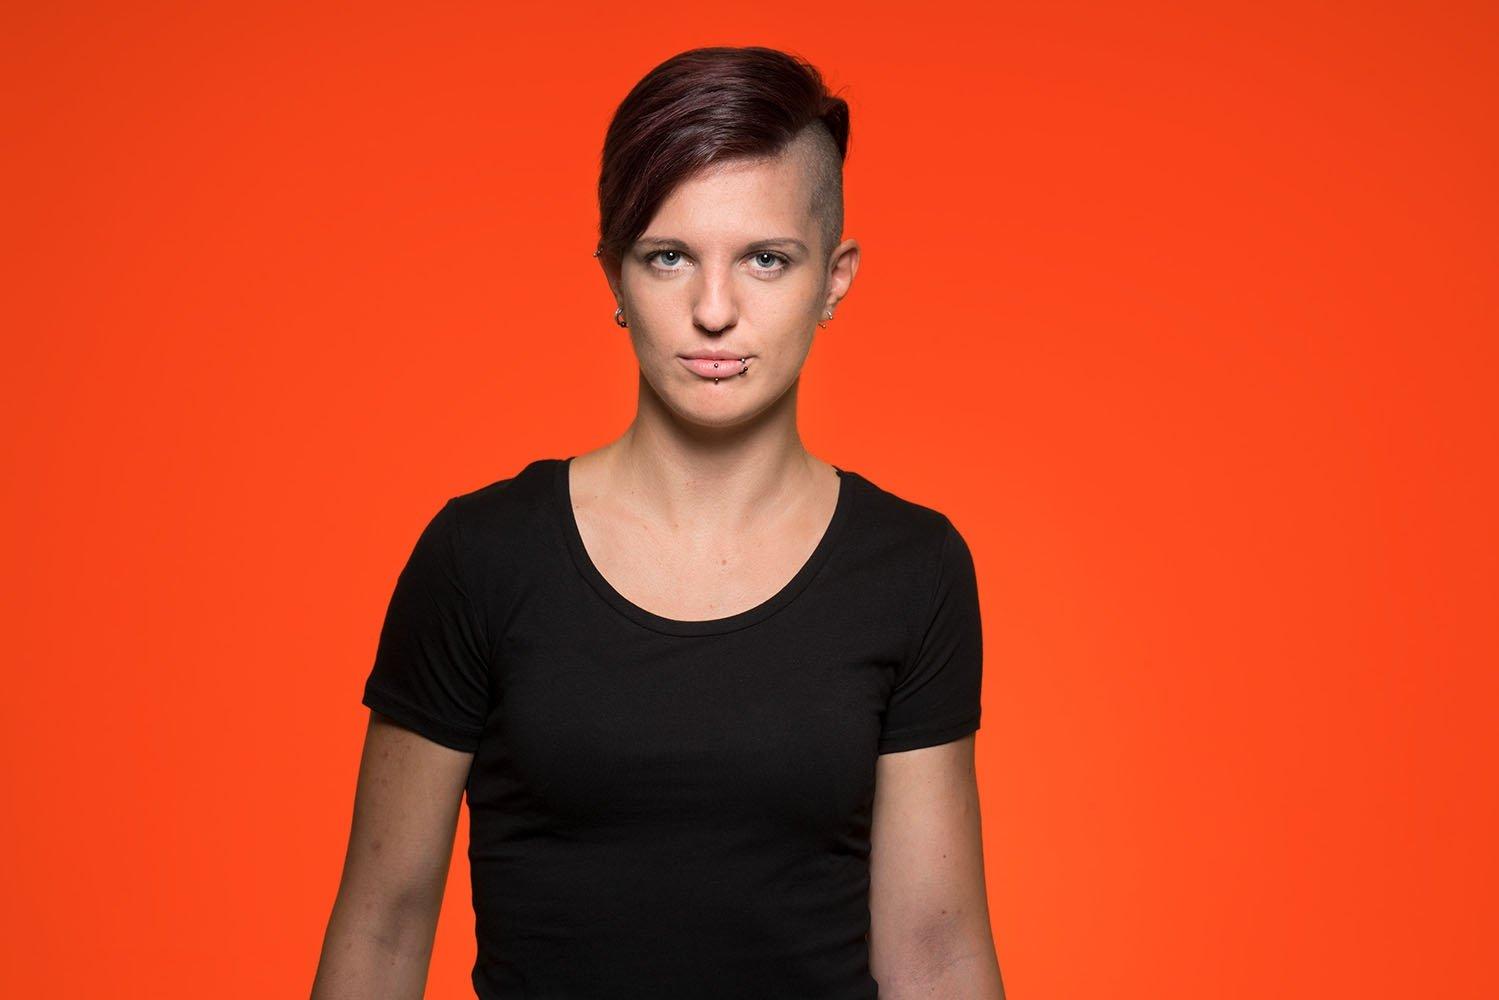 Ines Panholzer